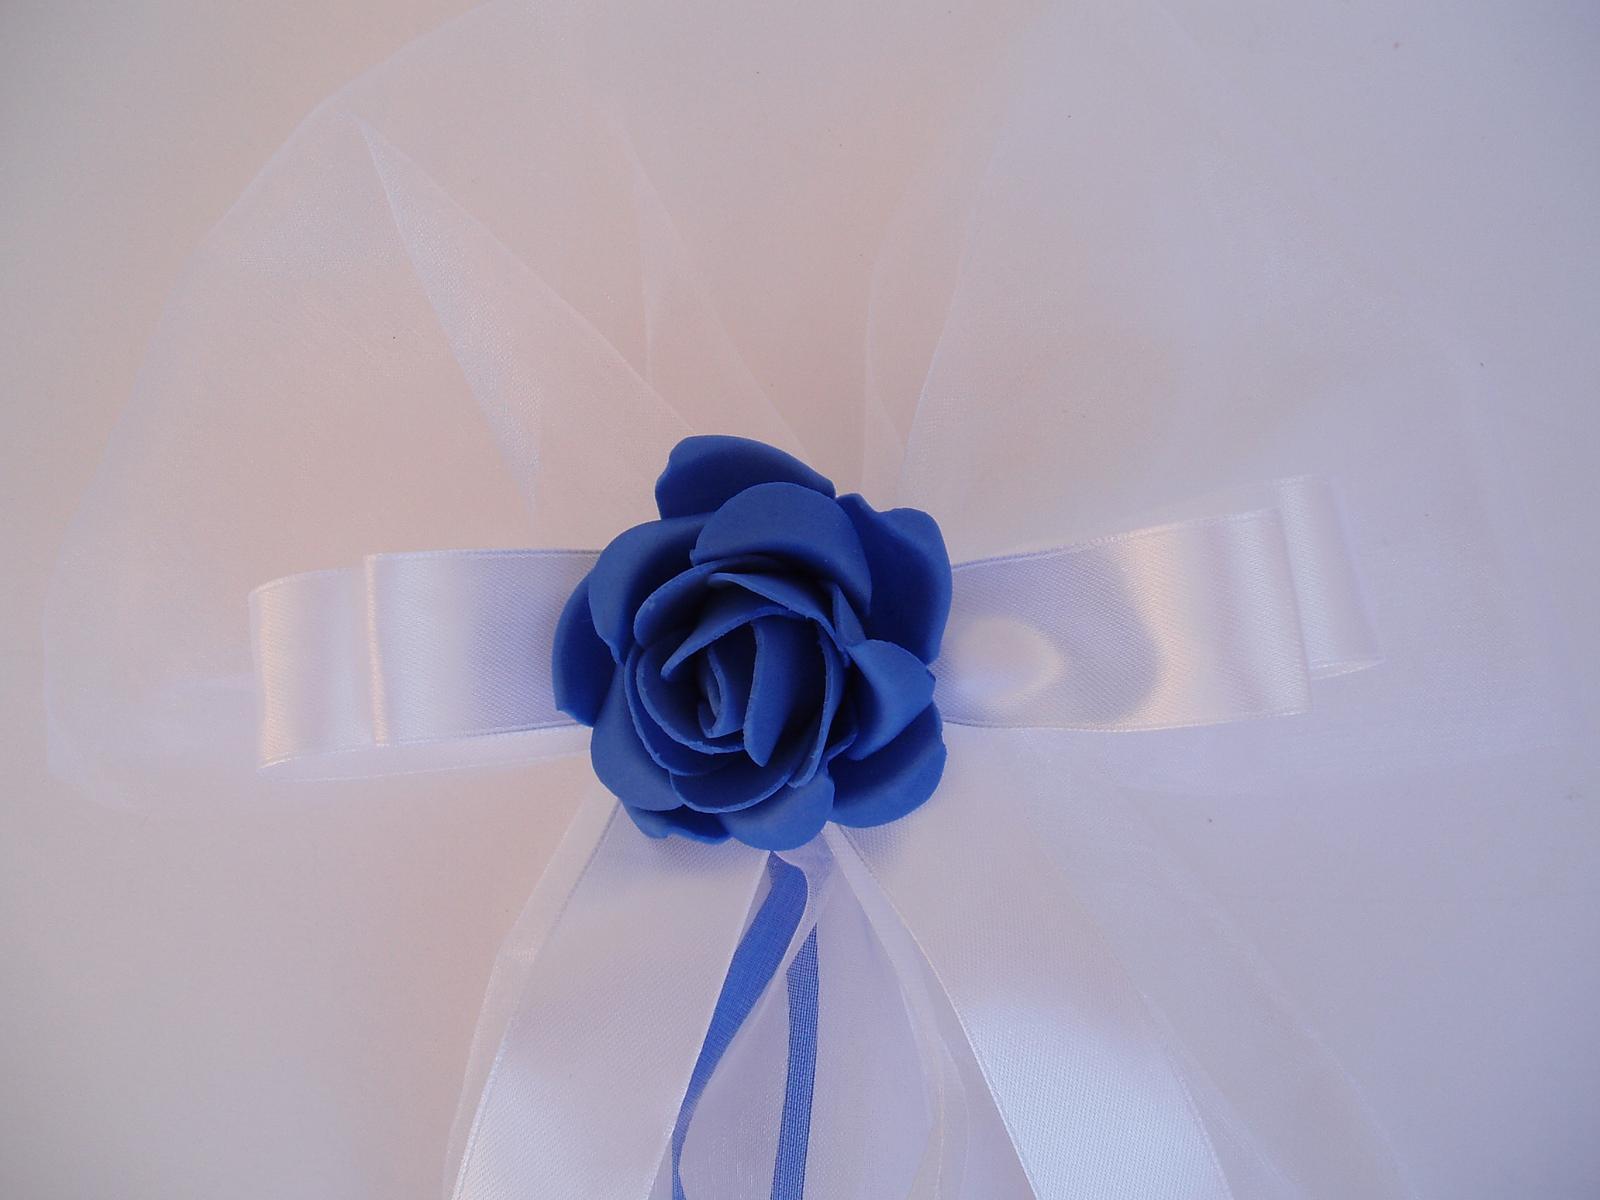 mašle na zrcátka -modrá - Obrázek č. 2